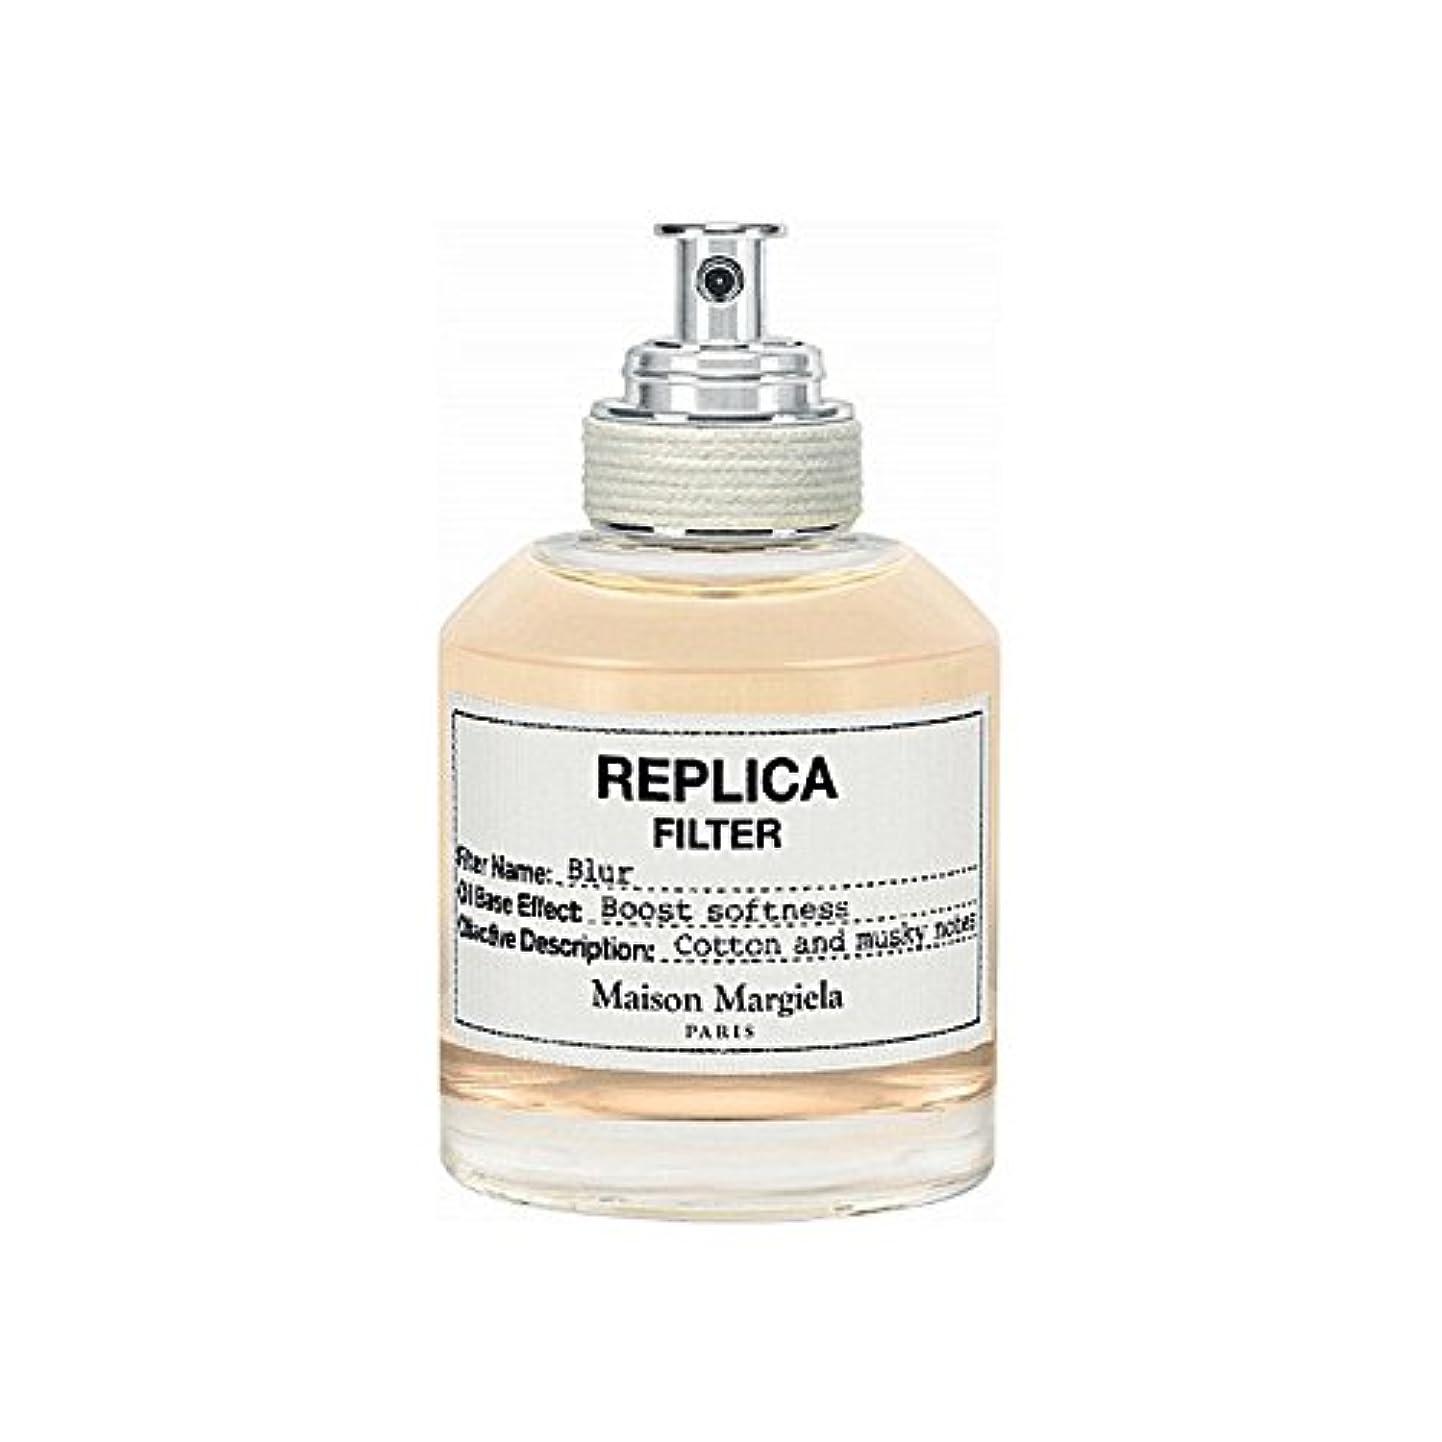 定義する排他的並外れてMaison Margiela Blur Replica Filter 50ml (Pack of 6) - メゾンマルジェラのぼかしレプリカフィルタ50ミリリットル x6 [並行輸入品]